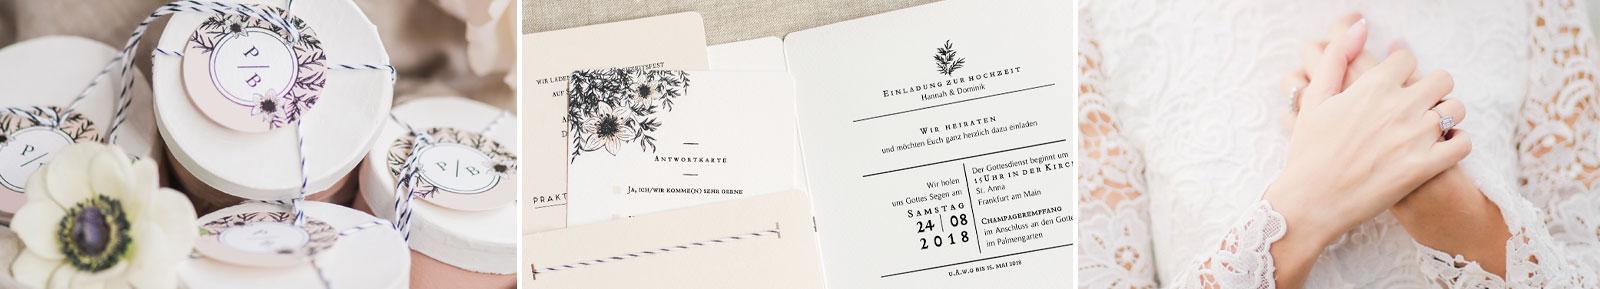 Einladungskarten-hochzeit